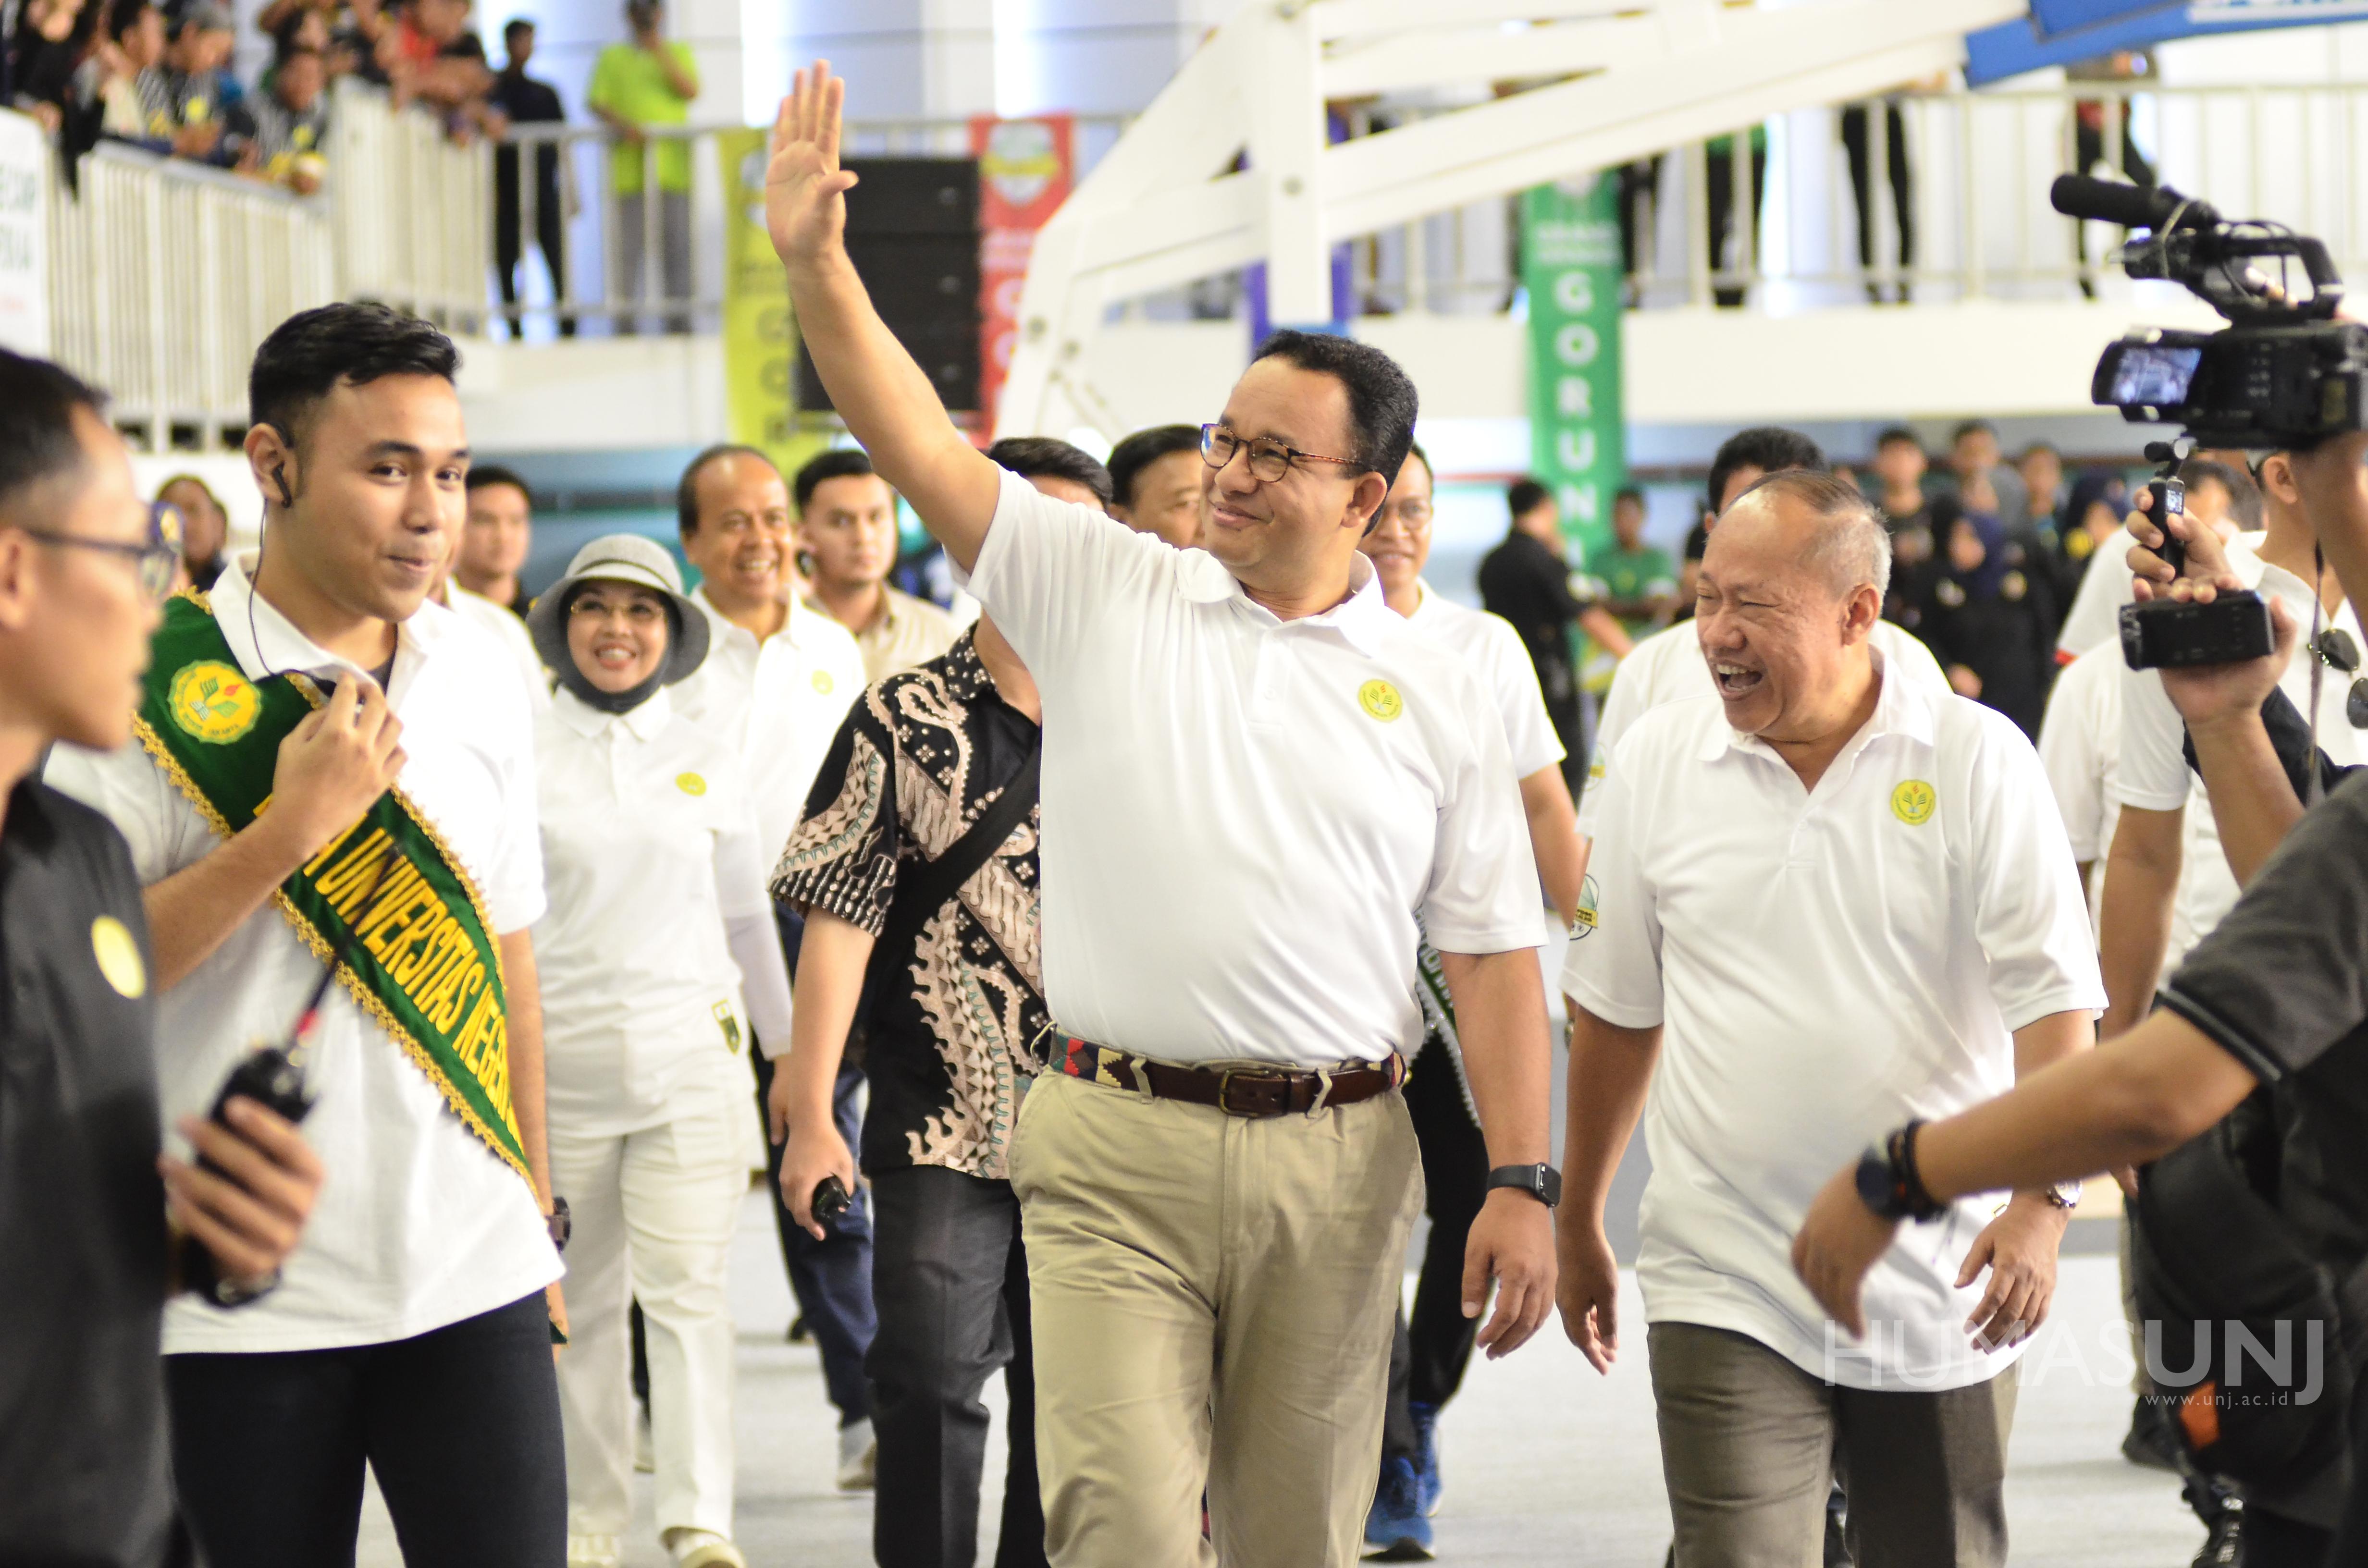 GOR UNJ Diresmikan, Anies Berharap dapat Menjadi Tempat Pembinaan Atlet DKI Jakarta maupun Nasional